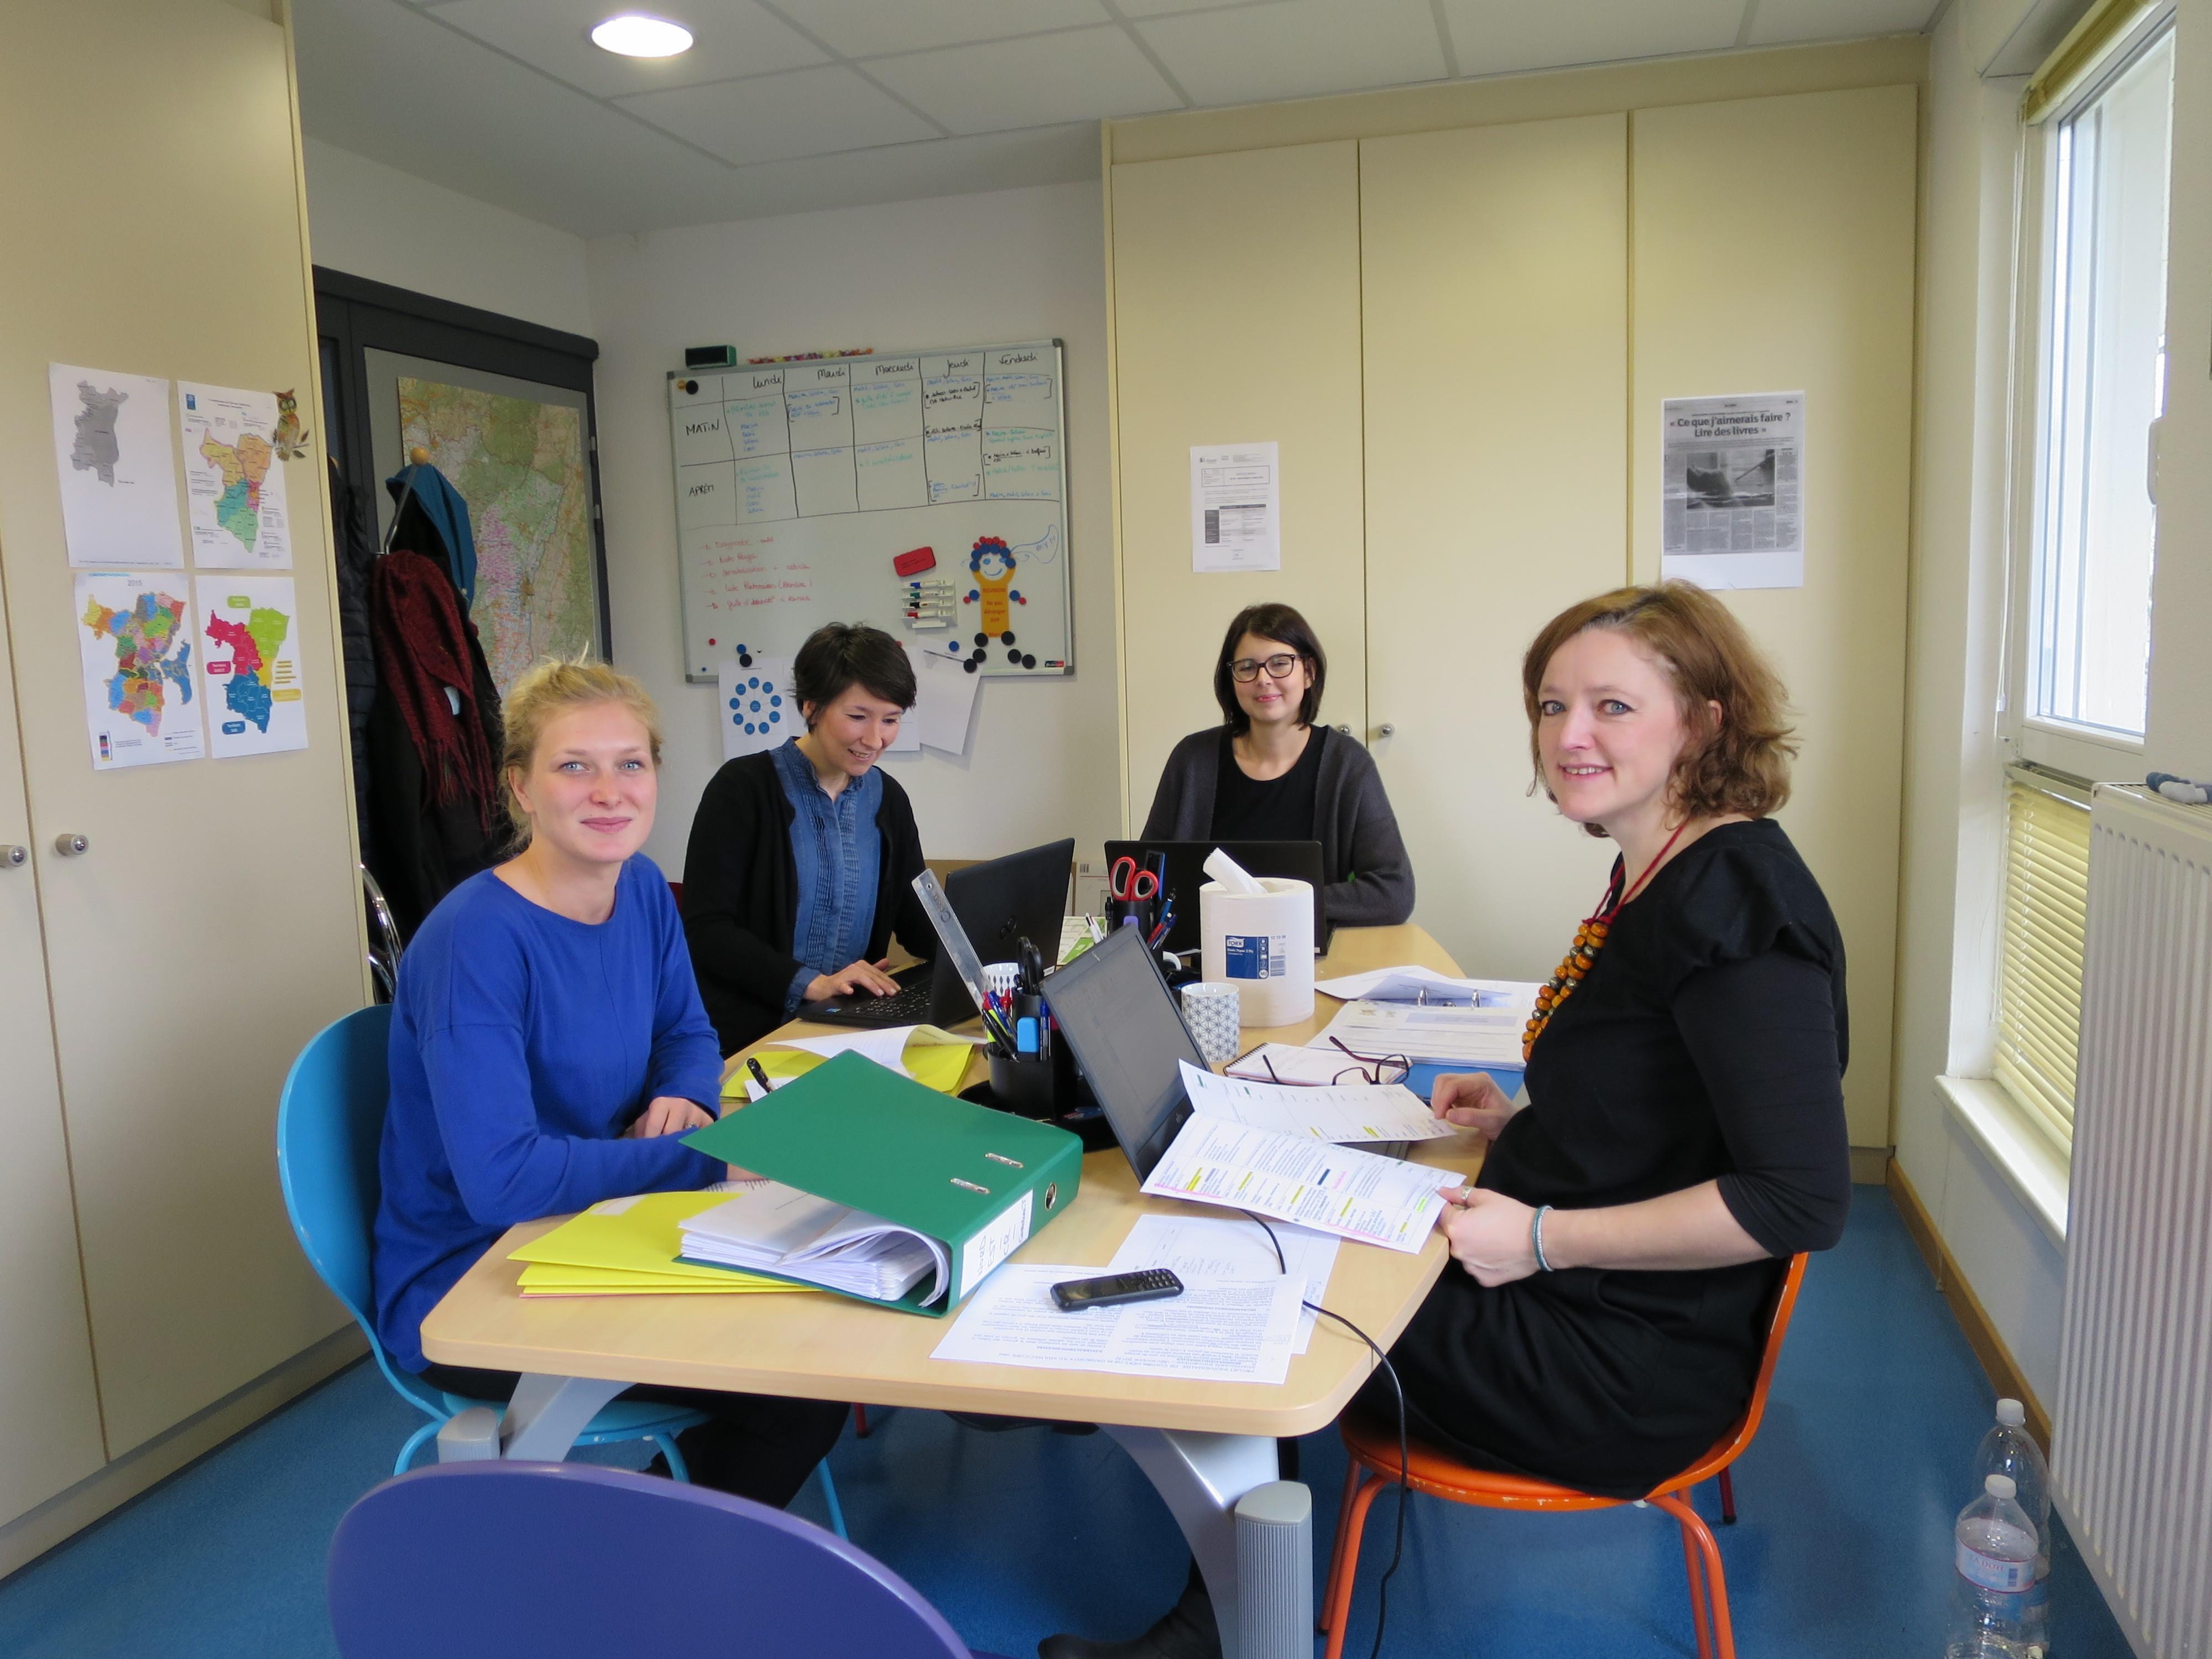 Equipe du centre de ressources de Strasbourg